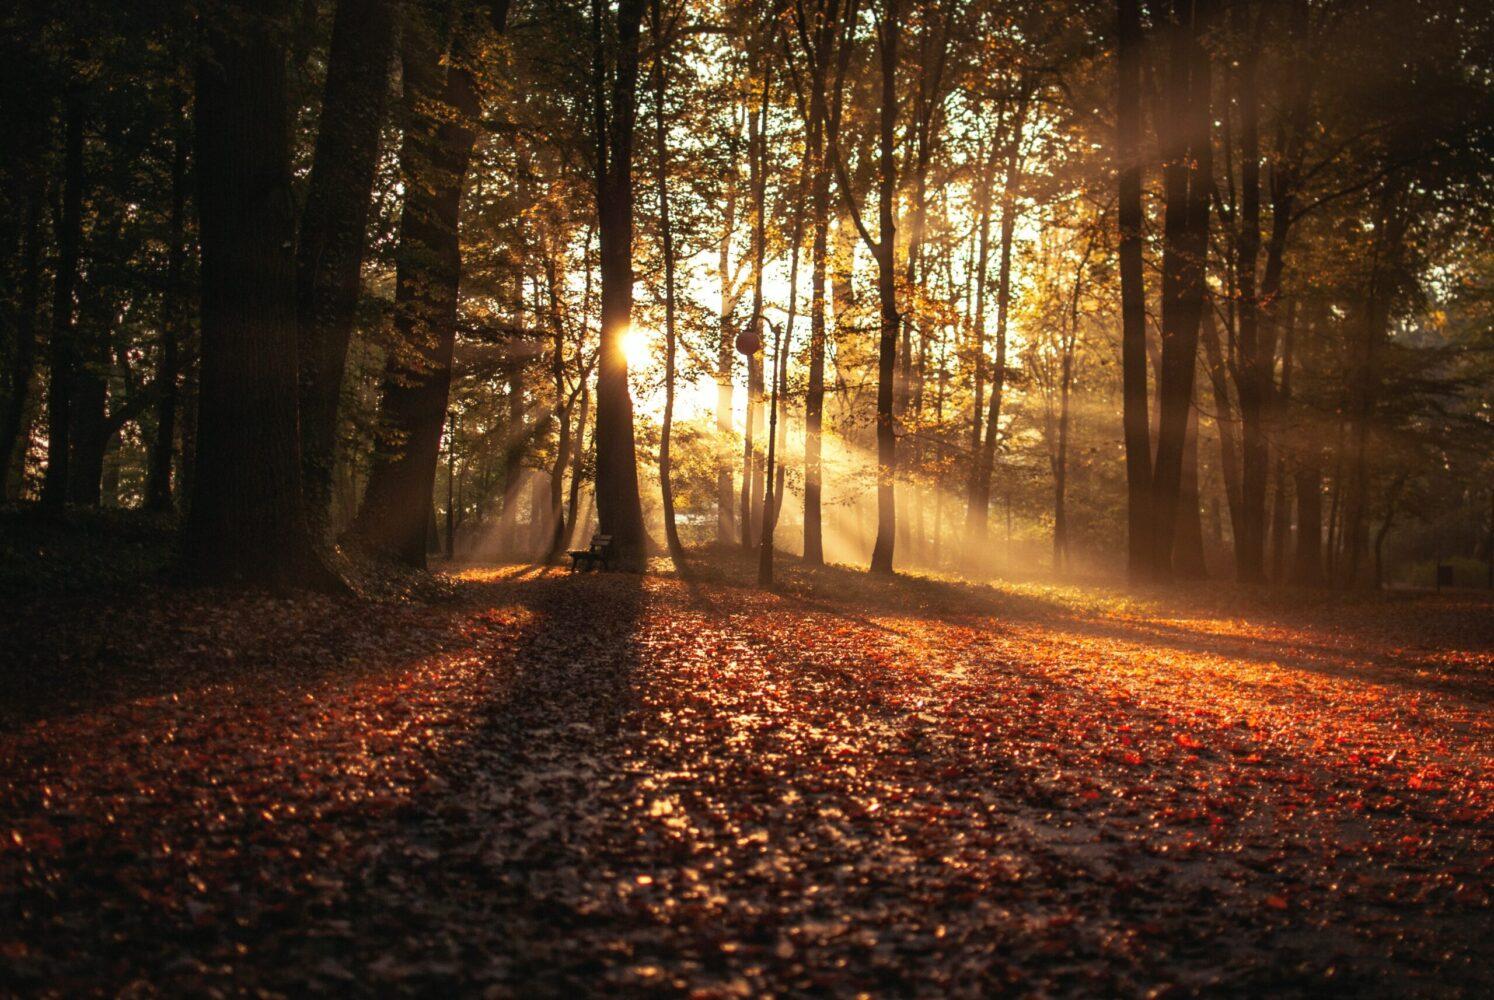 Het Gezinsleven - Uitstapjes - Natuur - De mooiste plekjes van de natuur in Drenthe - Herfst in Drenthe